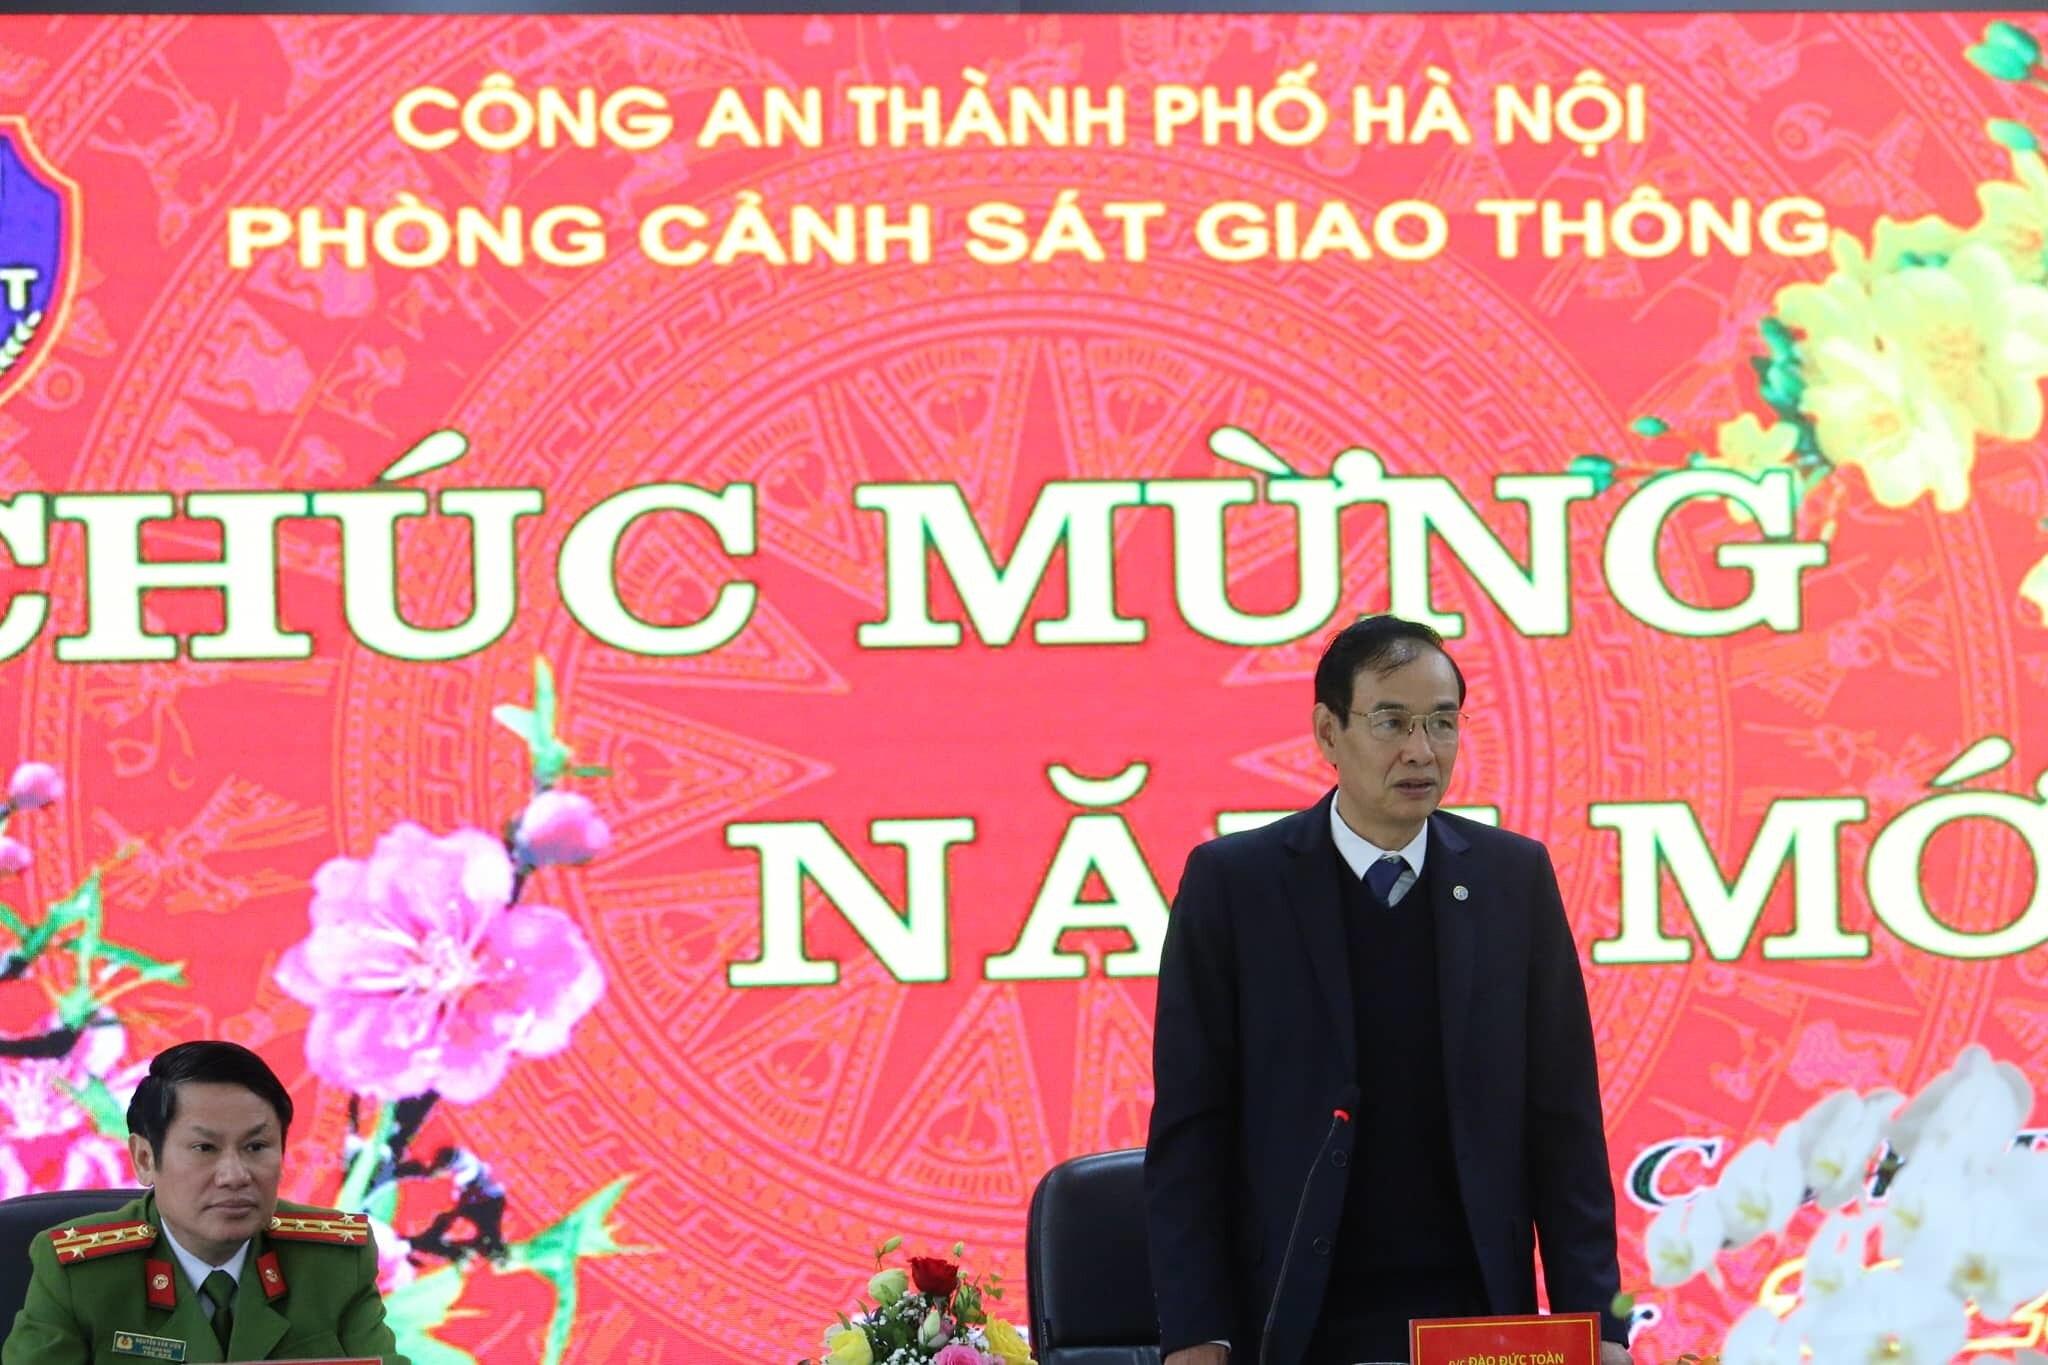 30 tổ cảnh sát 141 chốt trực suốt ngày đêm khắp địa bàn Hà Nội - 1